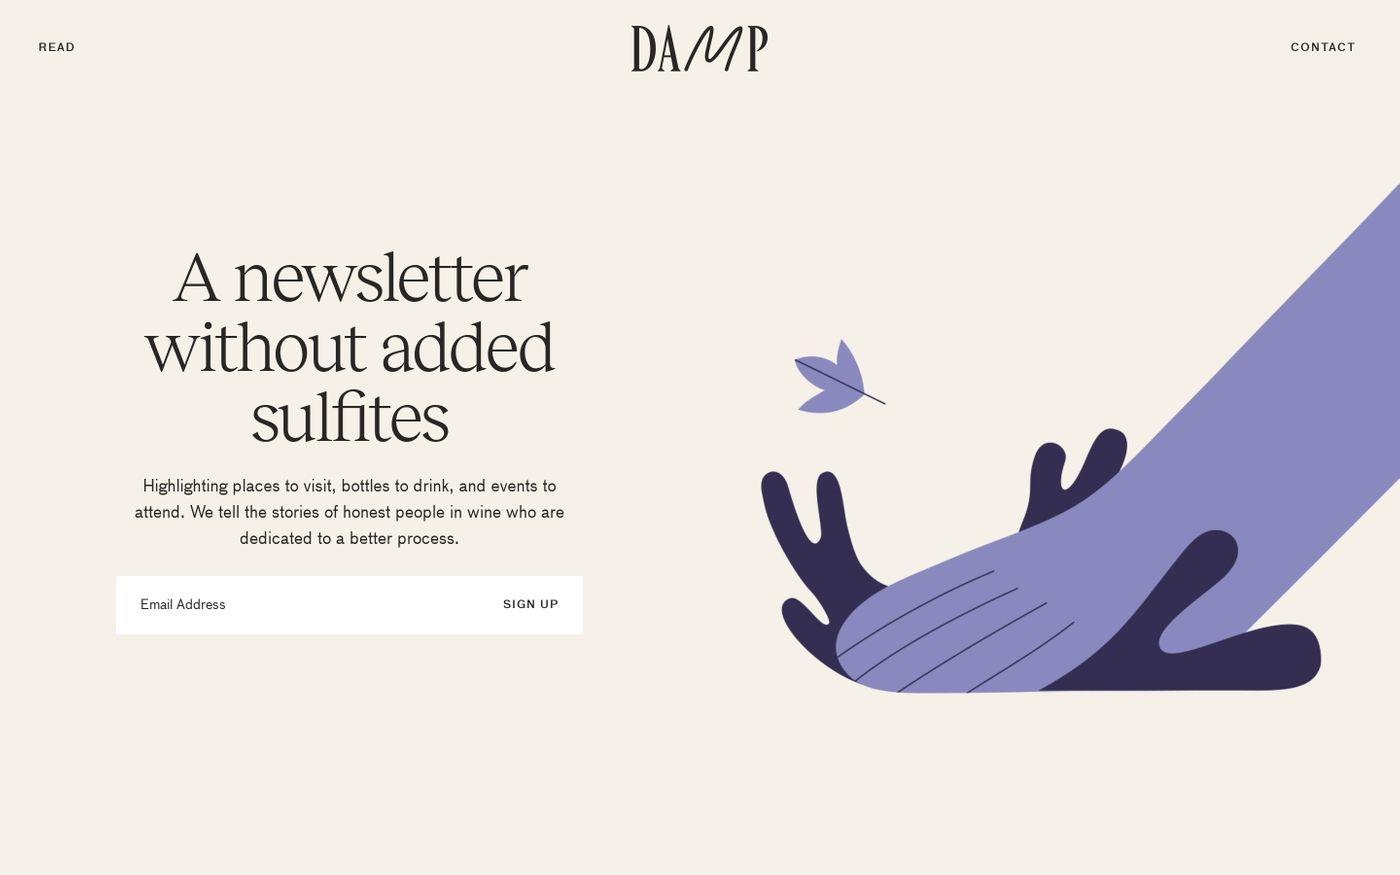 Screenshot of Damp wine website